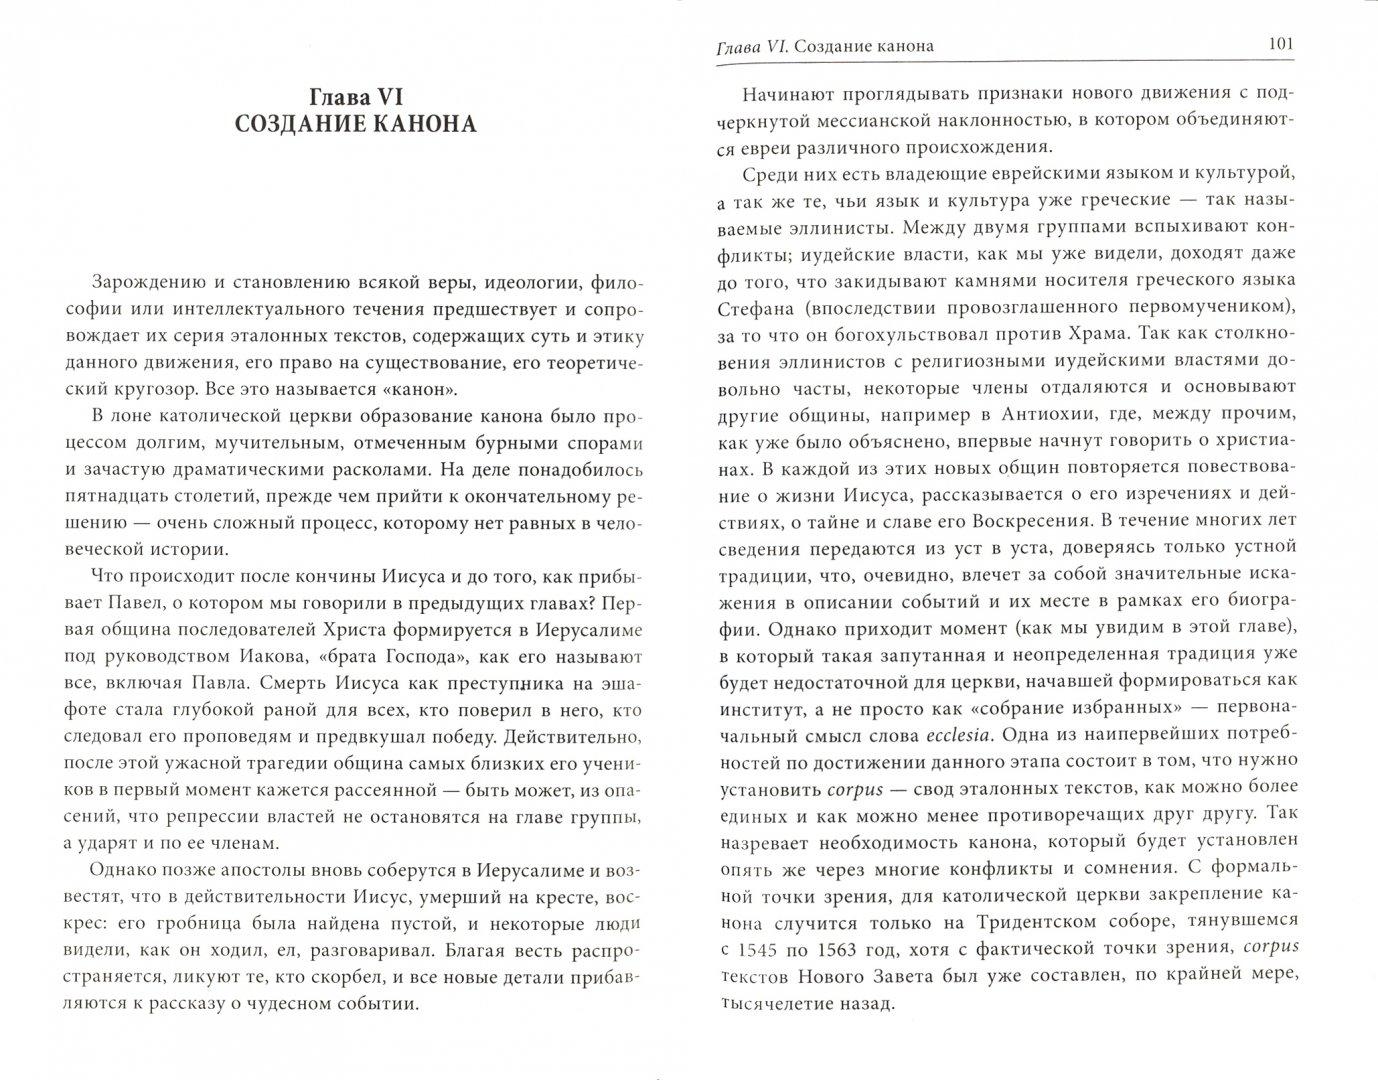 Иллюстрация 1 из 11 для Исследование христианства. Как воздвигается религия - Ауджиас, Качитти | Лабиринт - книги. Источник: Лабиринт